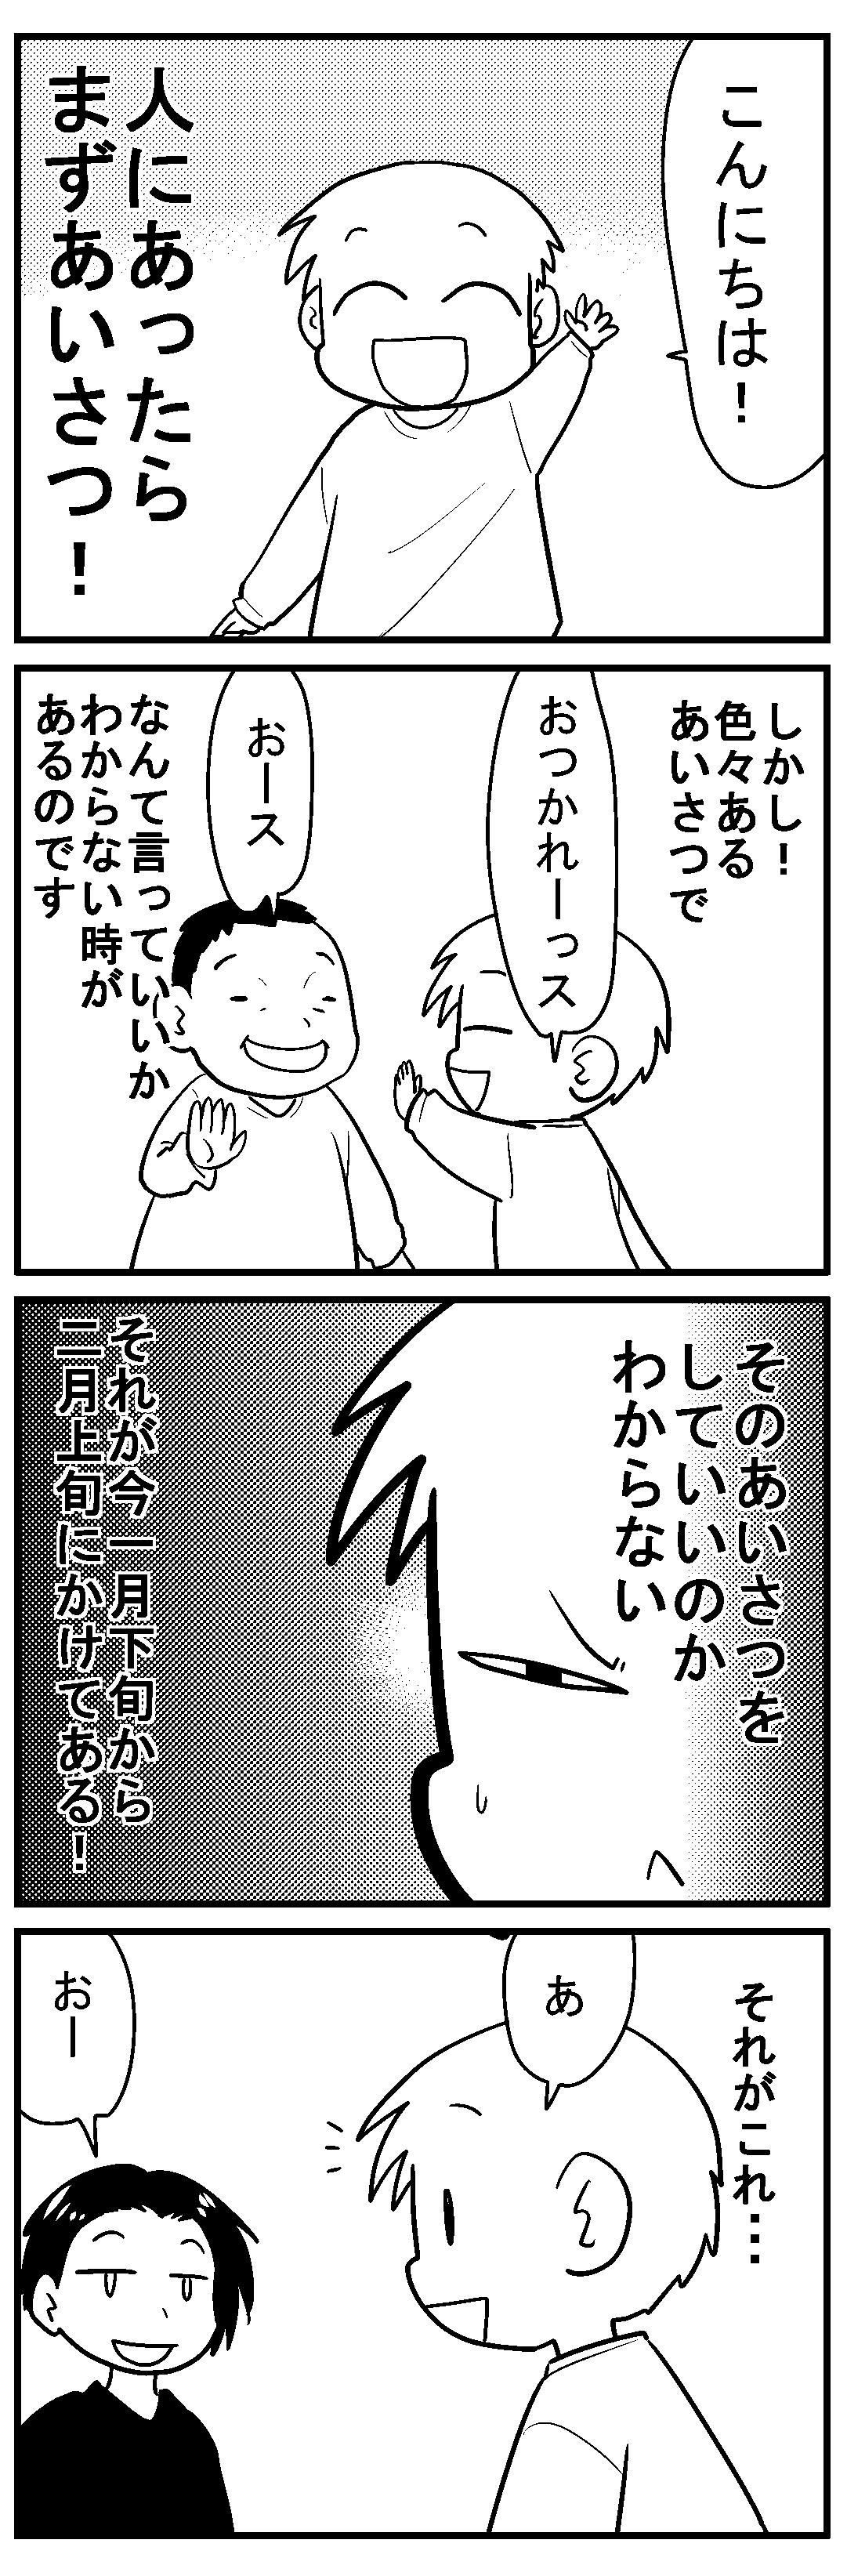 深読みくん38 1